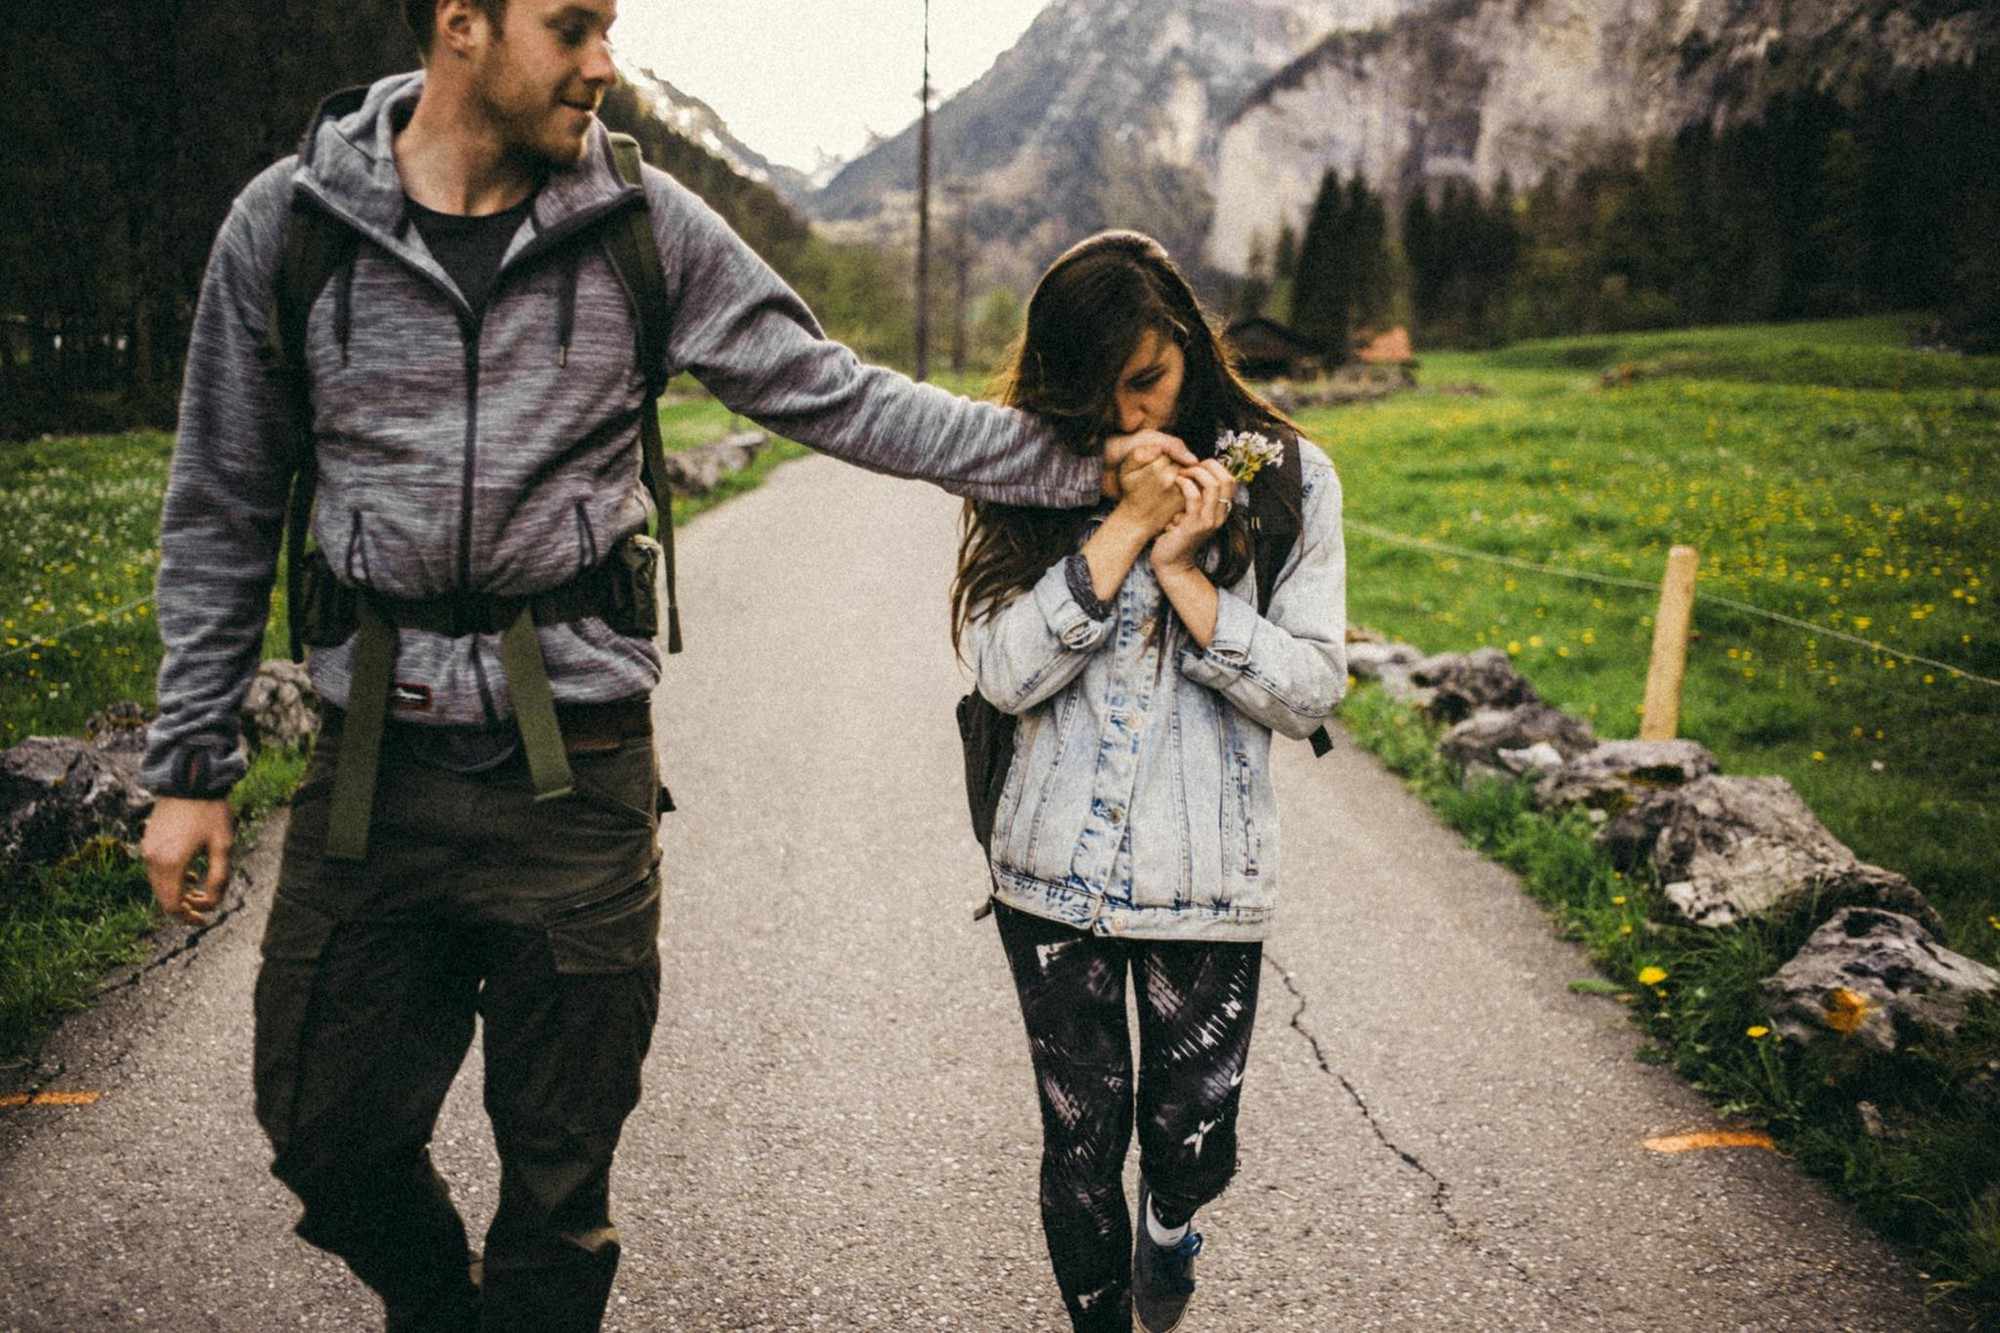 Nếu có người yêu, nhất định phải cùng họ làm hết những điều tuyệt vời như bộ ảnh này! - Ảnh 10.